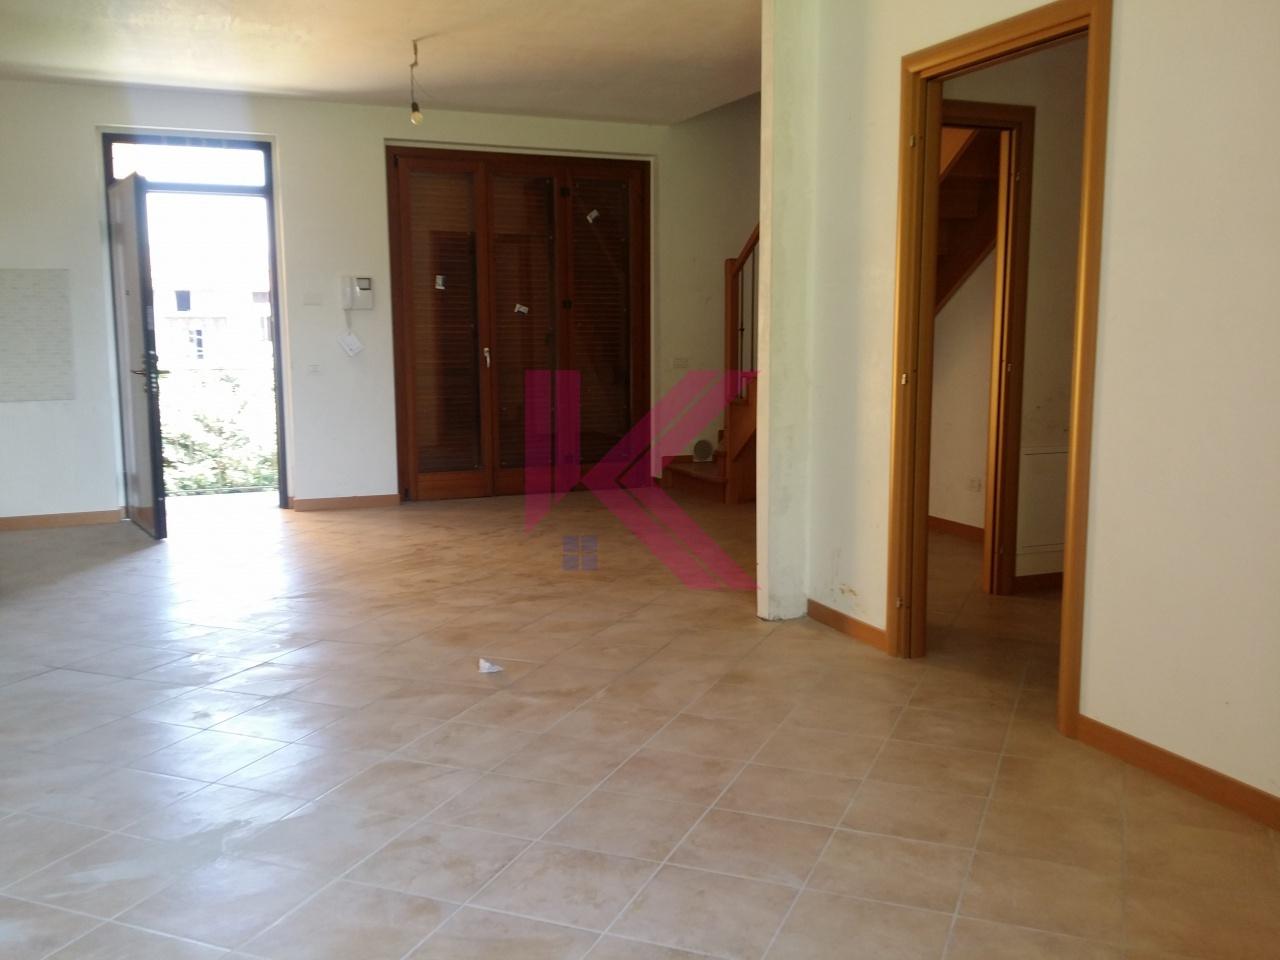 Appartamento MONGUZZO MONGUZZOTRILOCON-RIS